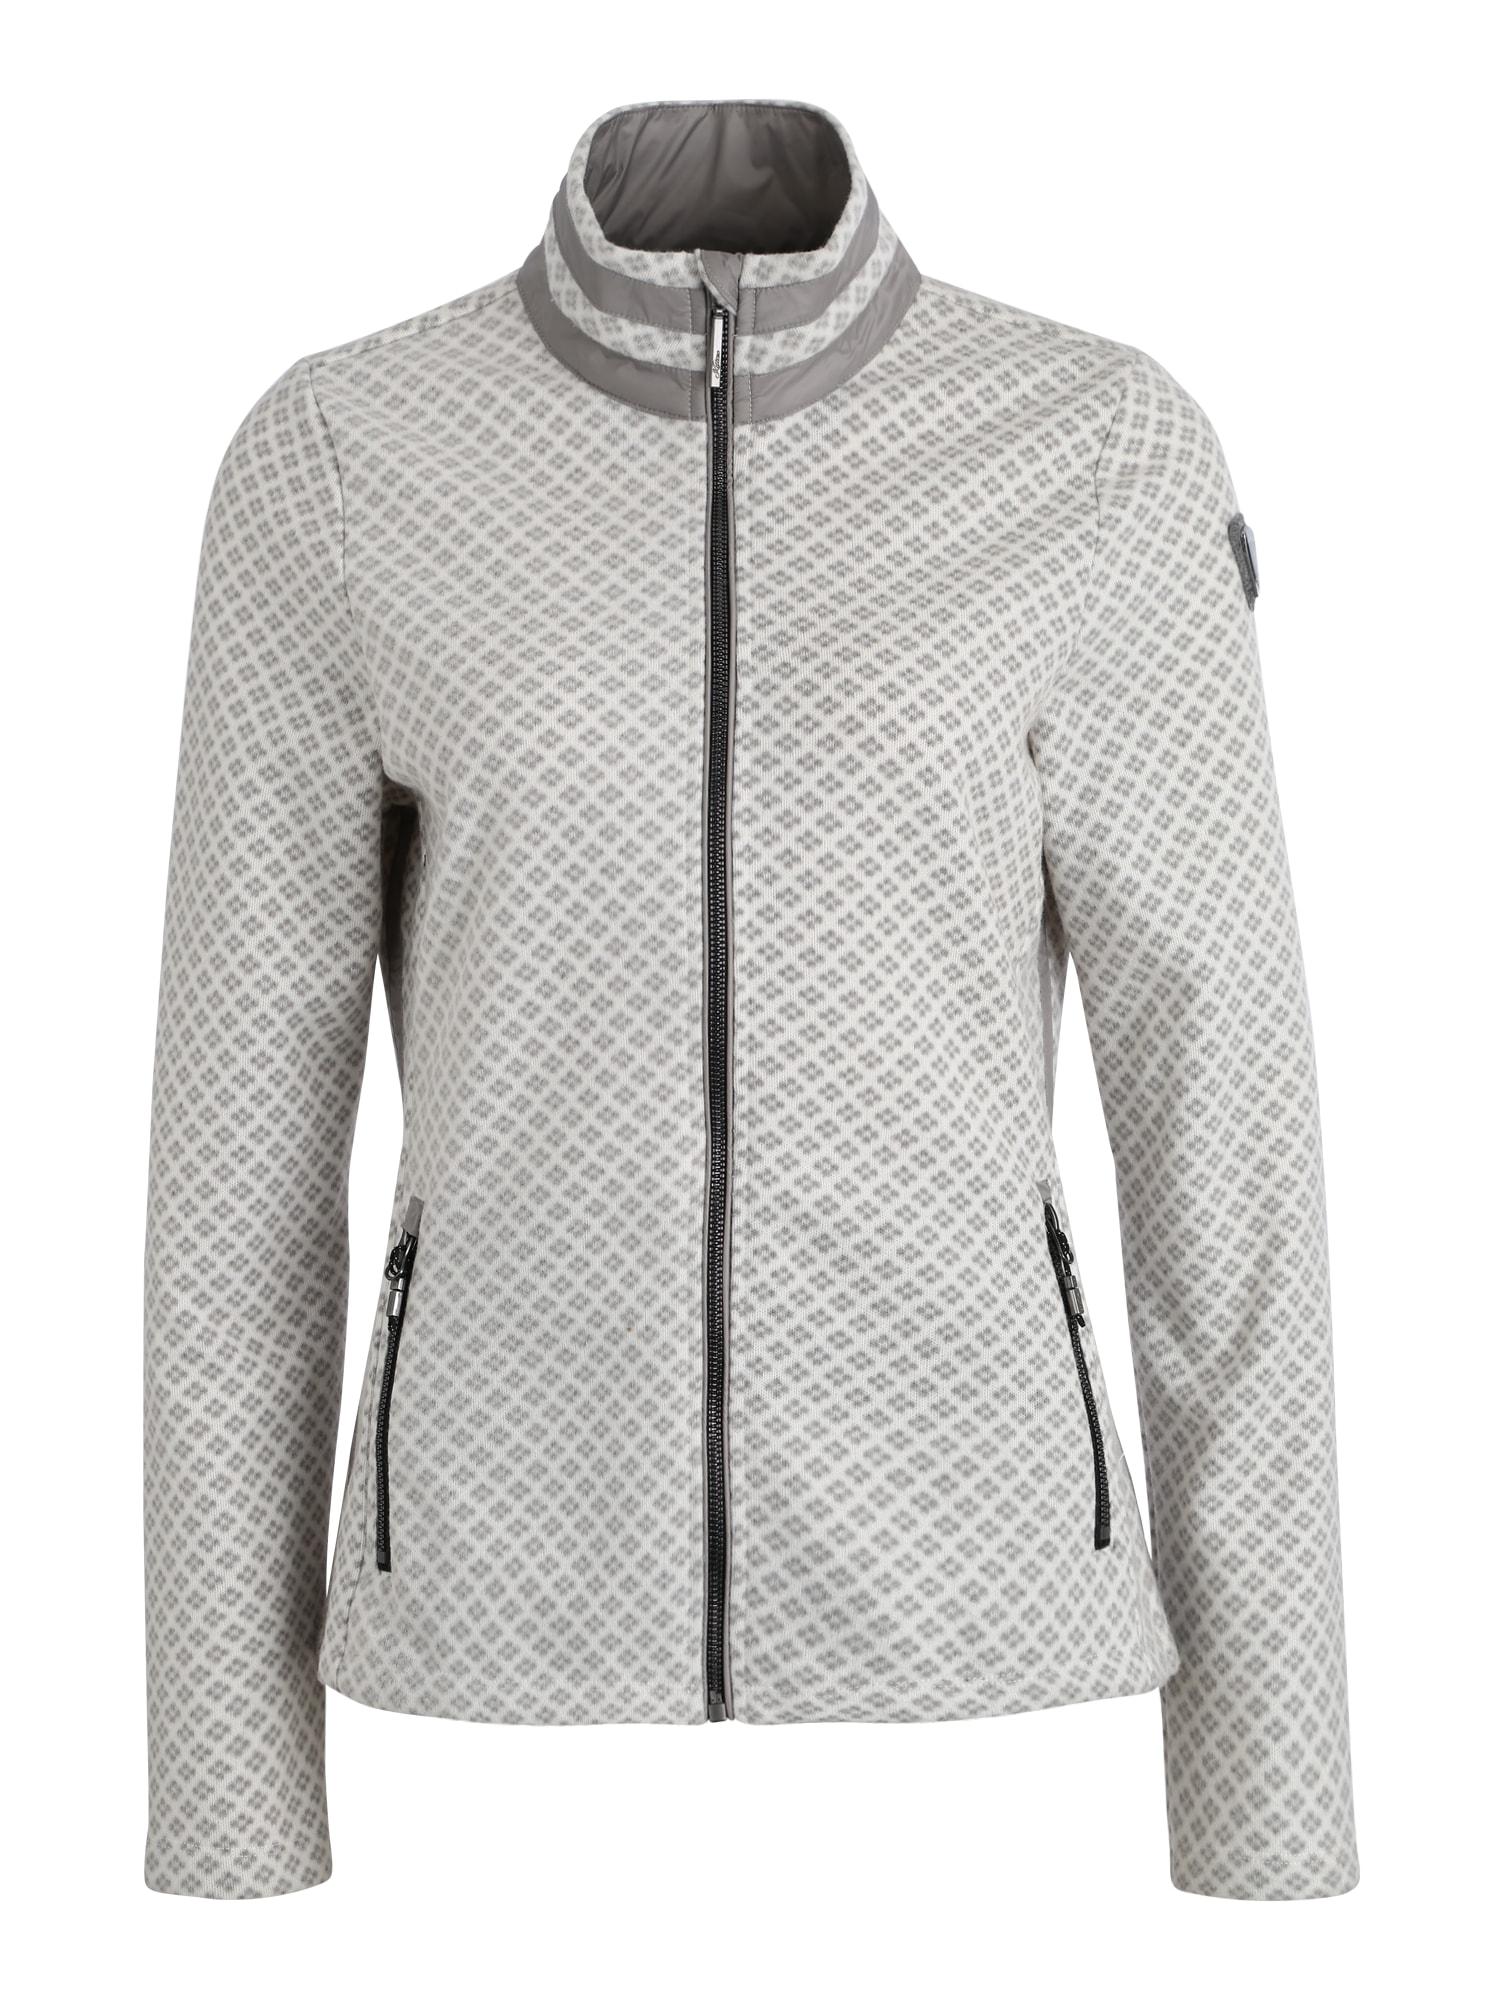 KILLTEC Sportinio tipo megztinis 'Tanalie' balta / pilka